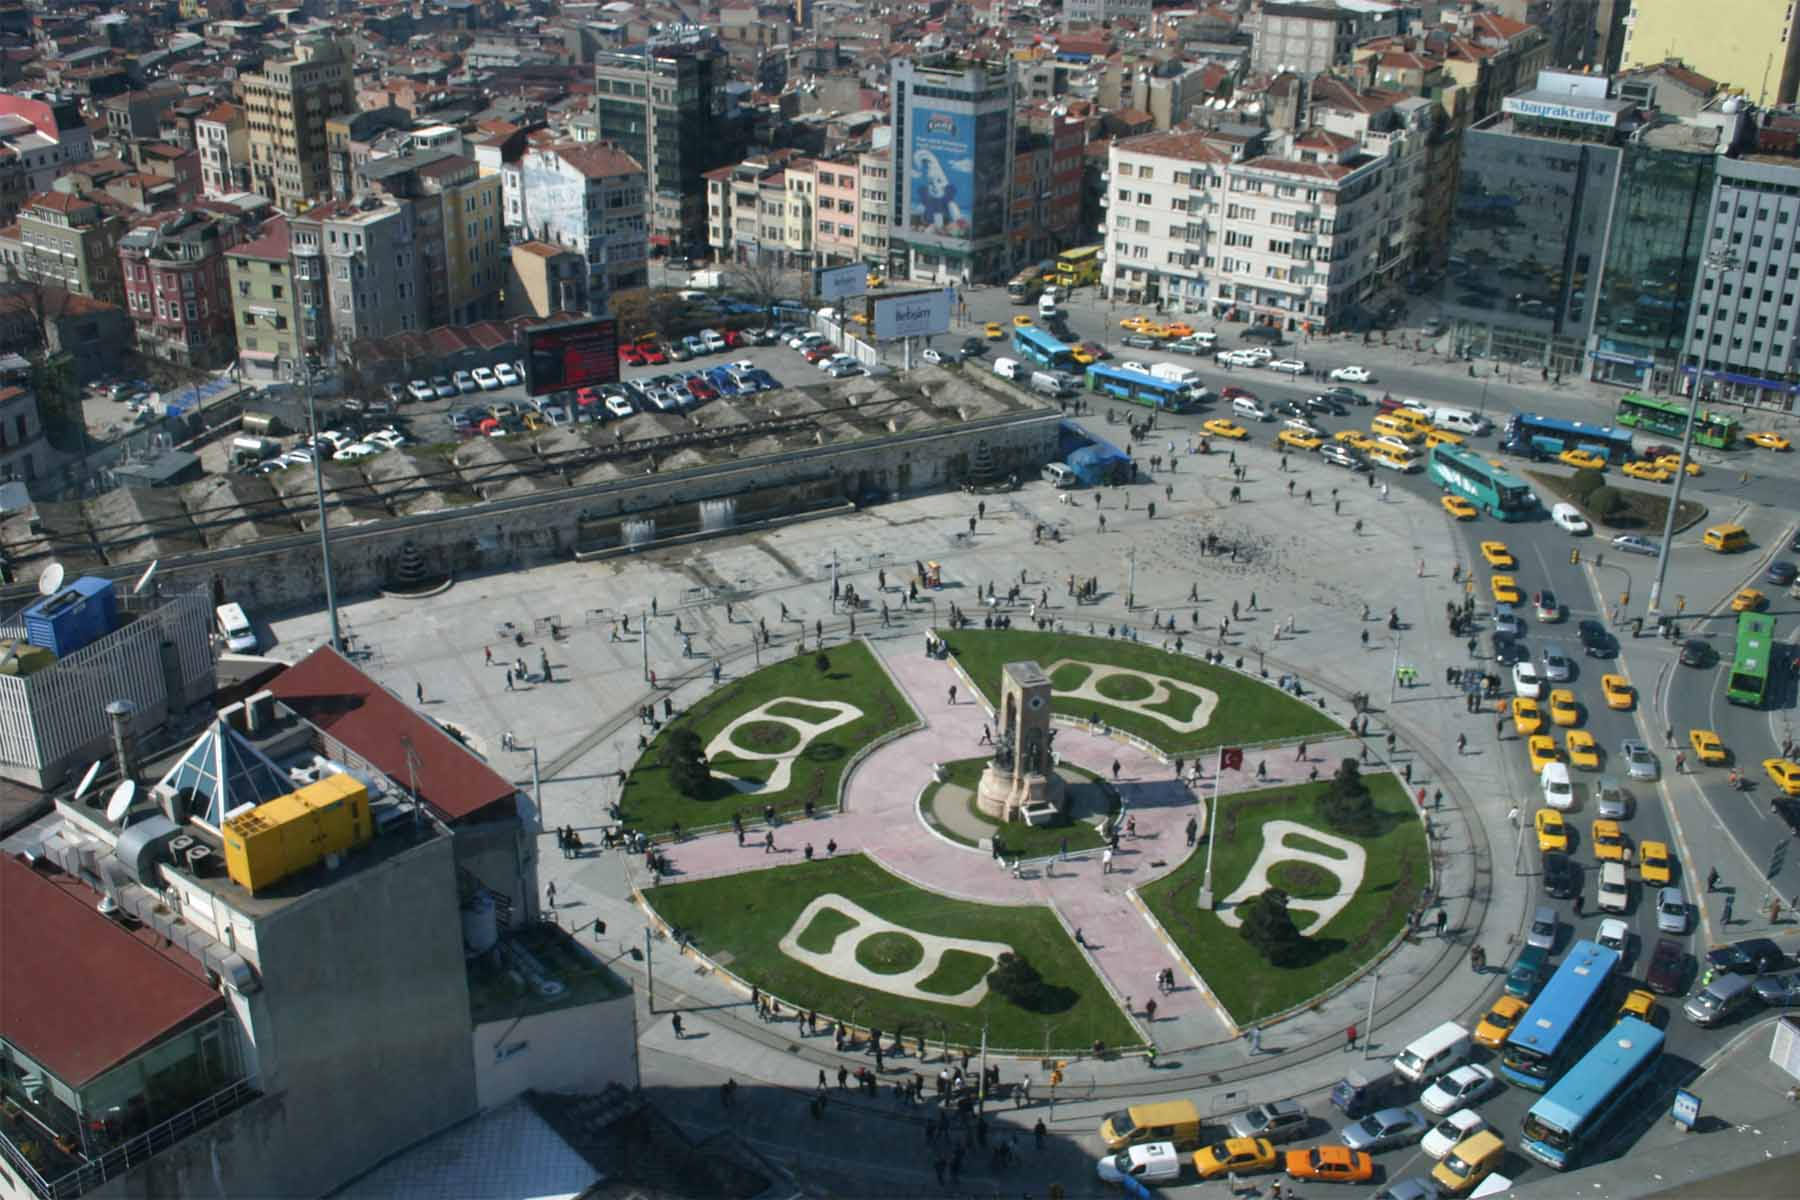 تور استانبول - هتلهای میدان تکسیم